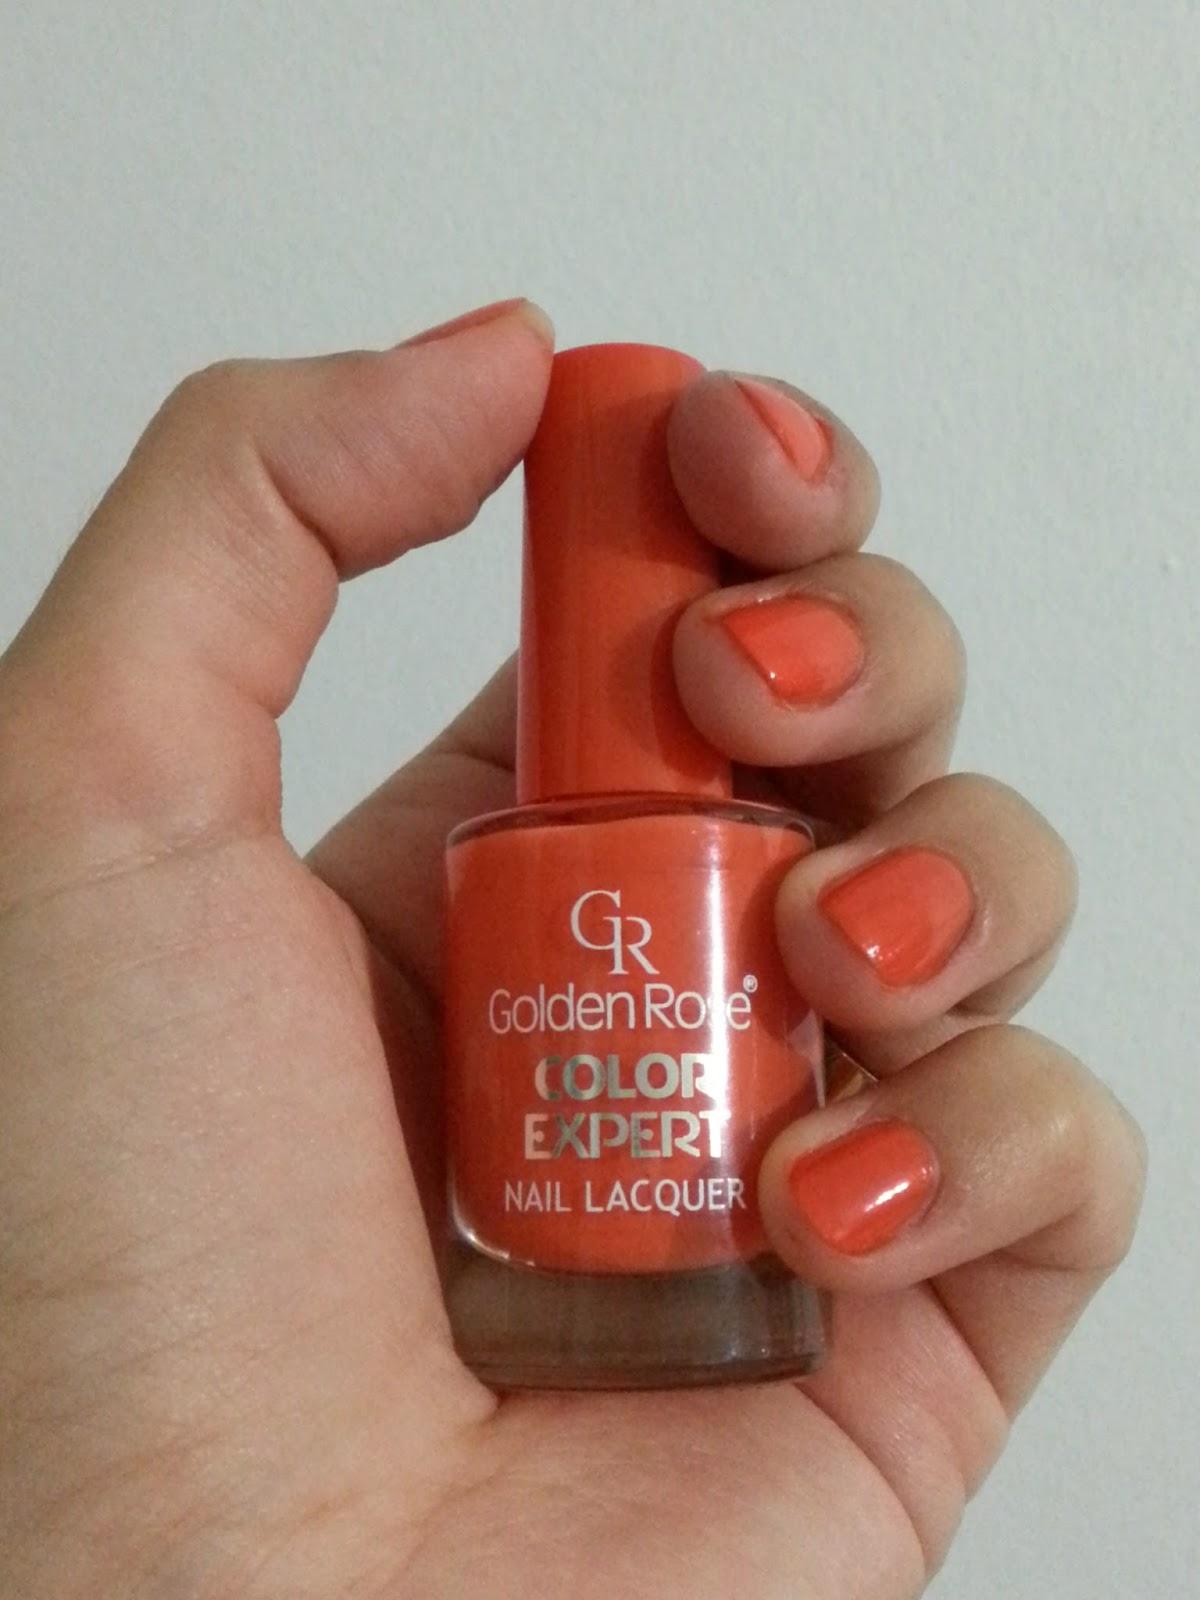 Golden Rose Colour Expert Oje nasıl